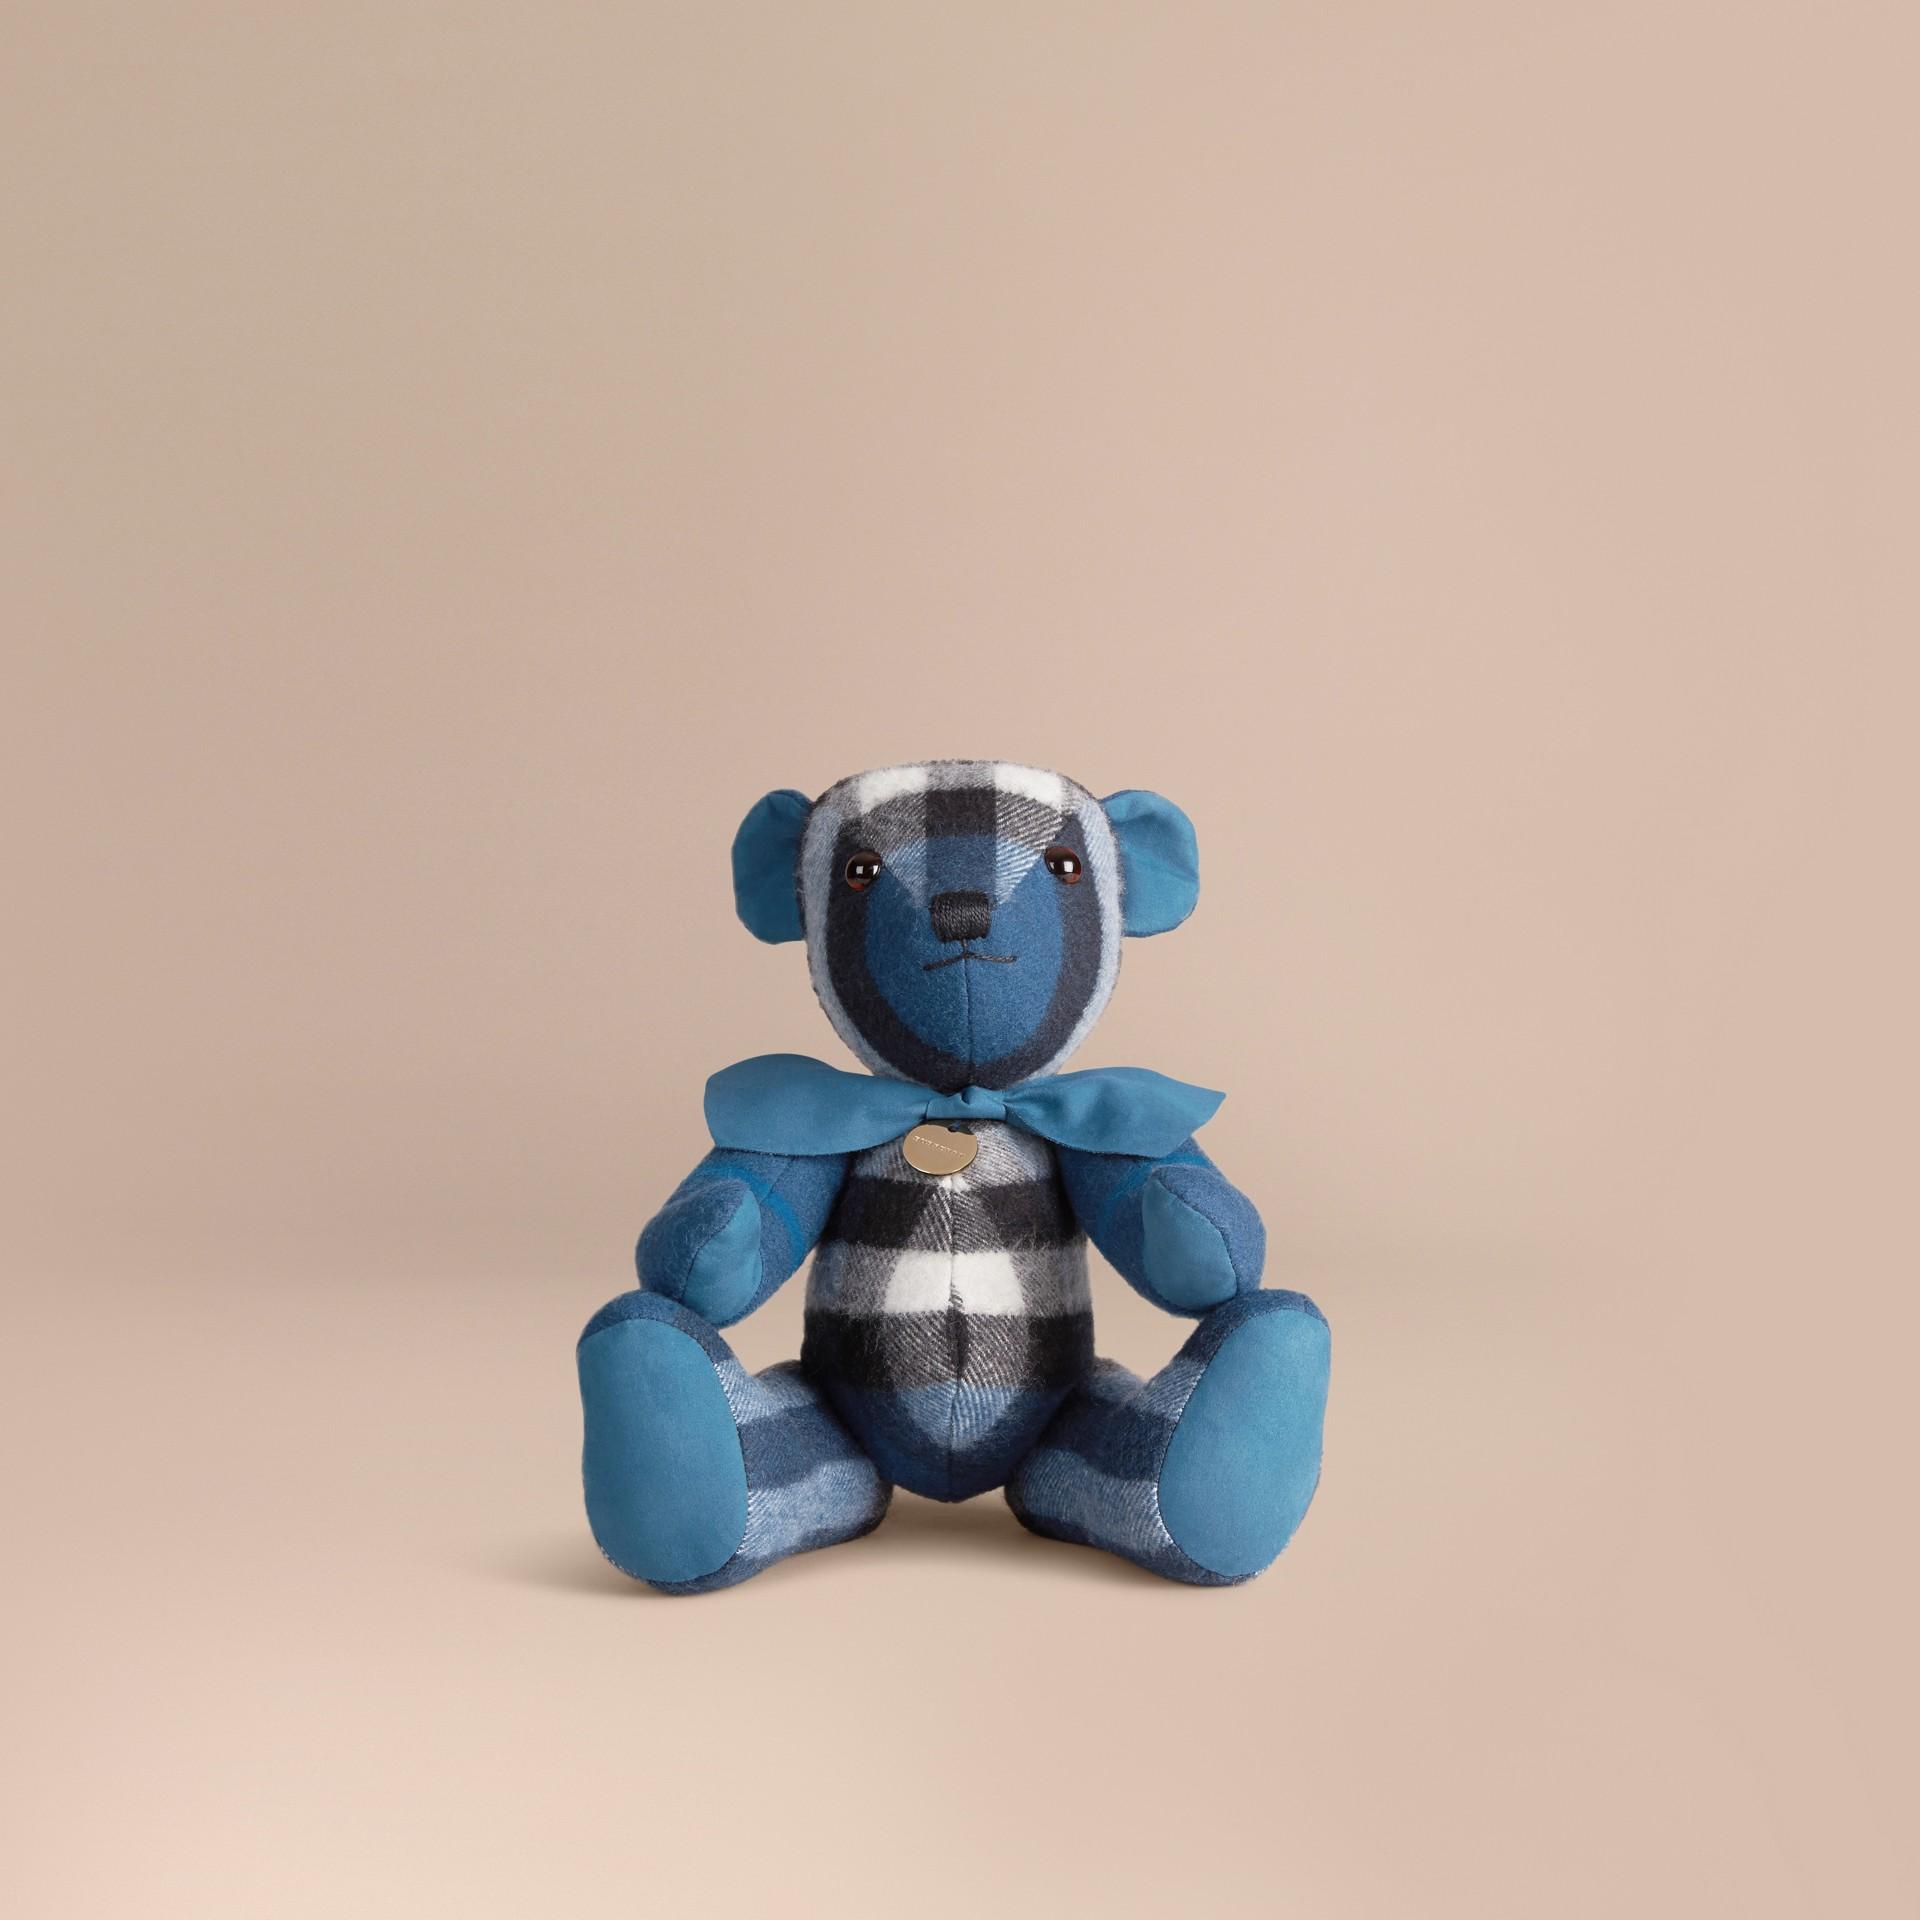 Bleu nautique Teddy-bear en cachemire à motif check Bleu Nautique - photo de la galerie 1